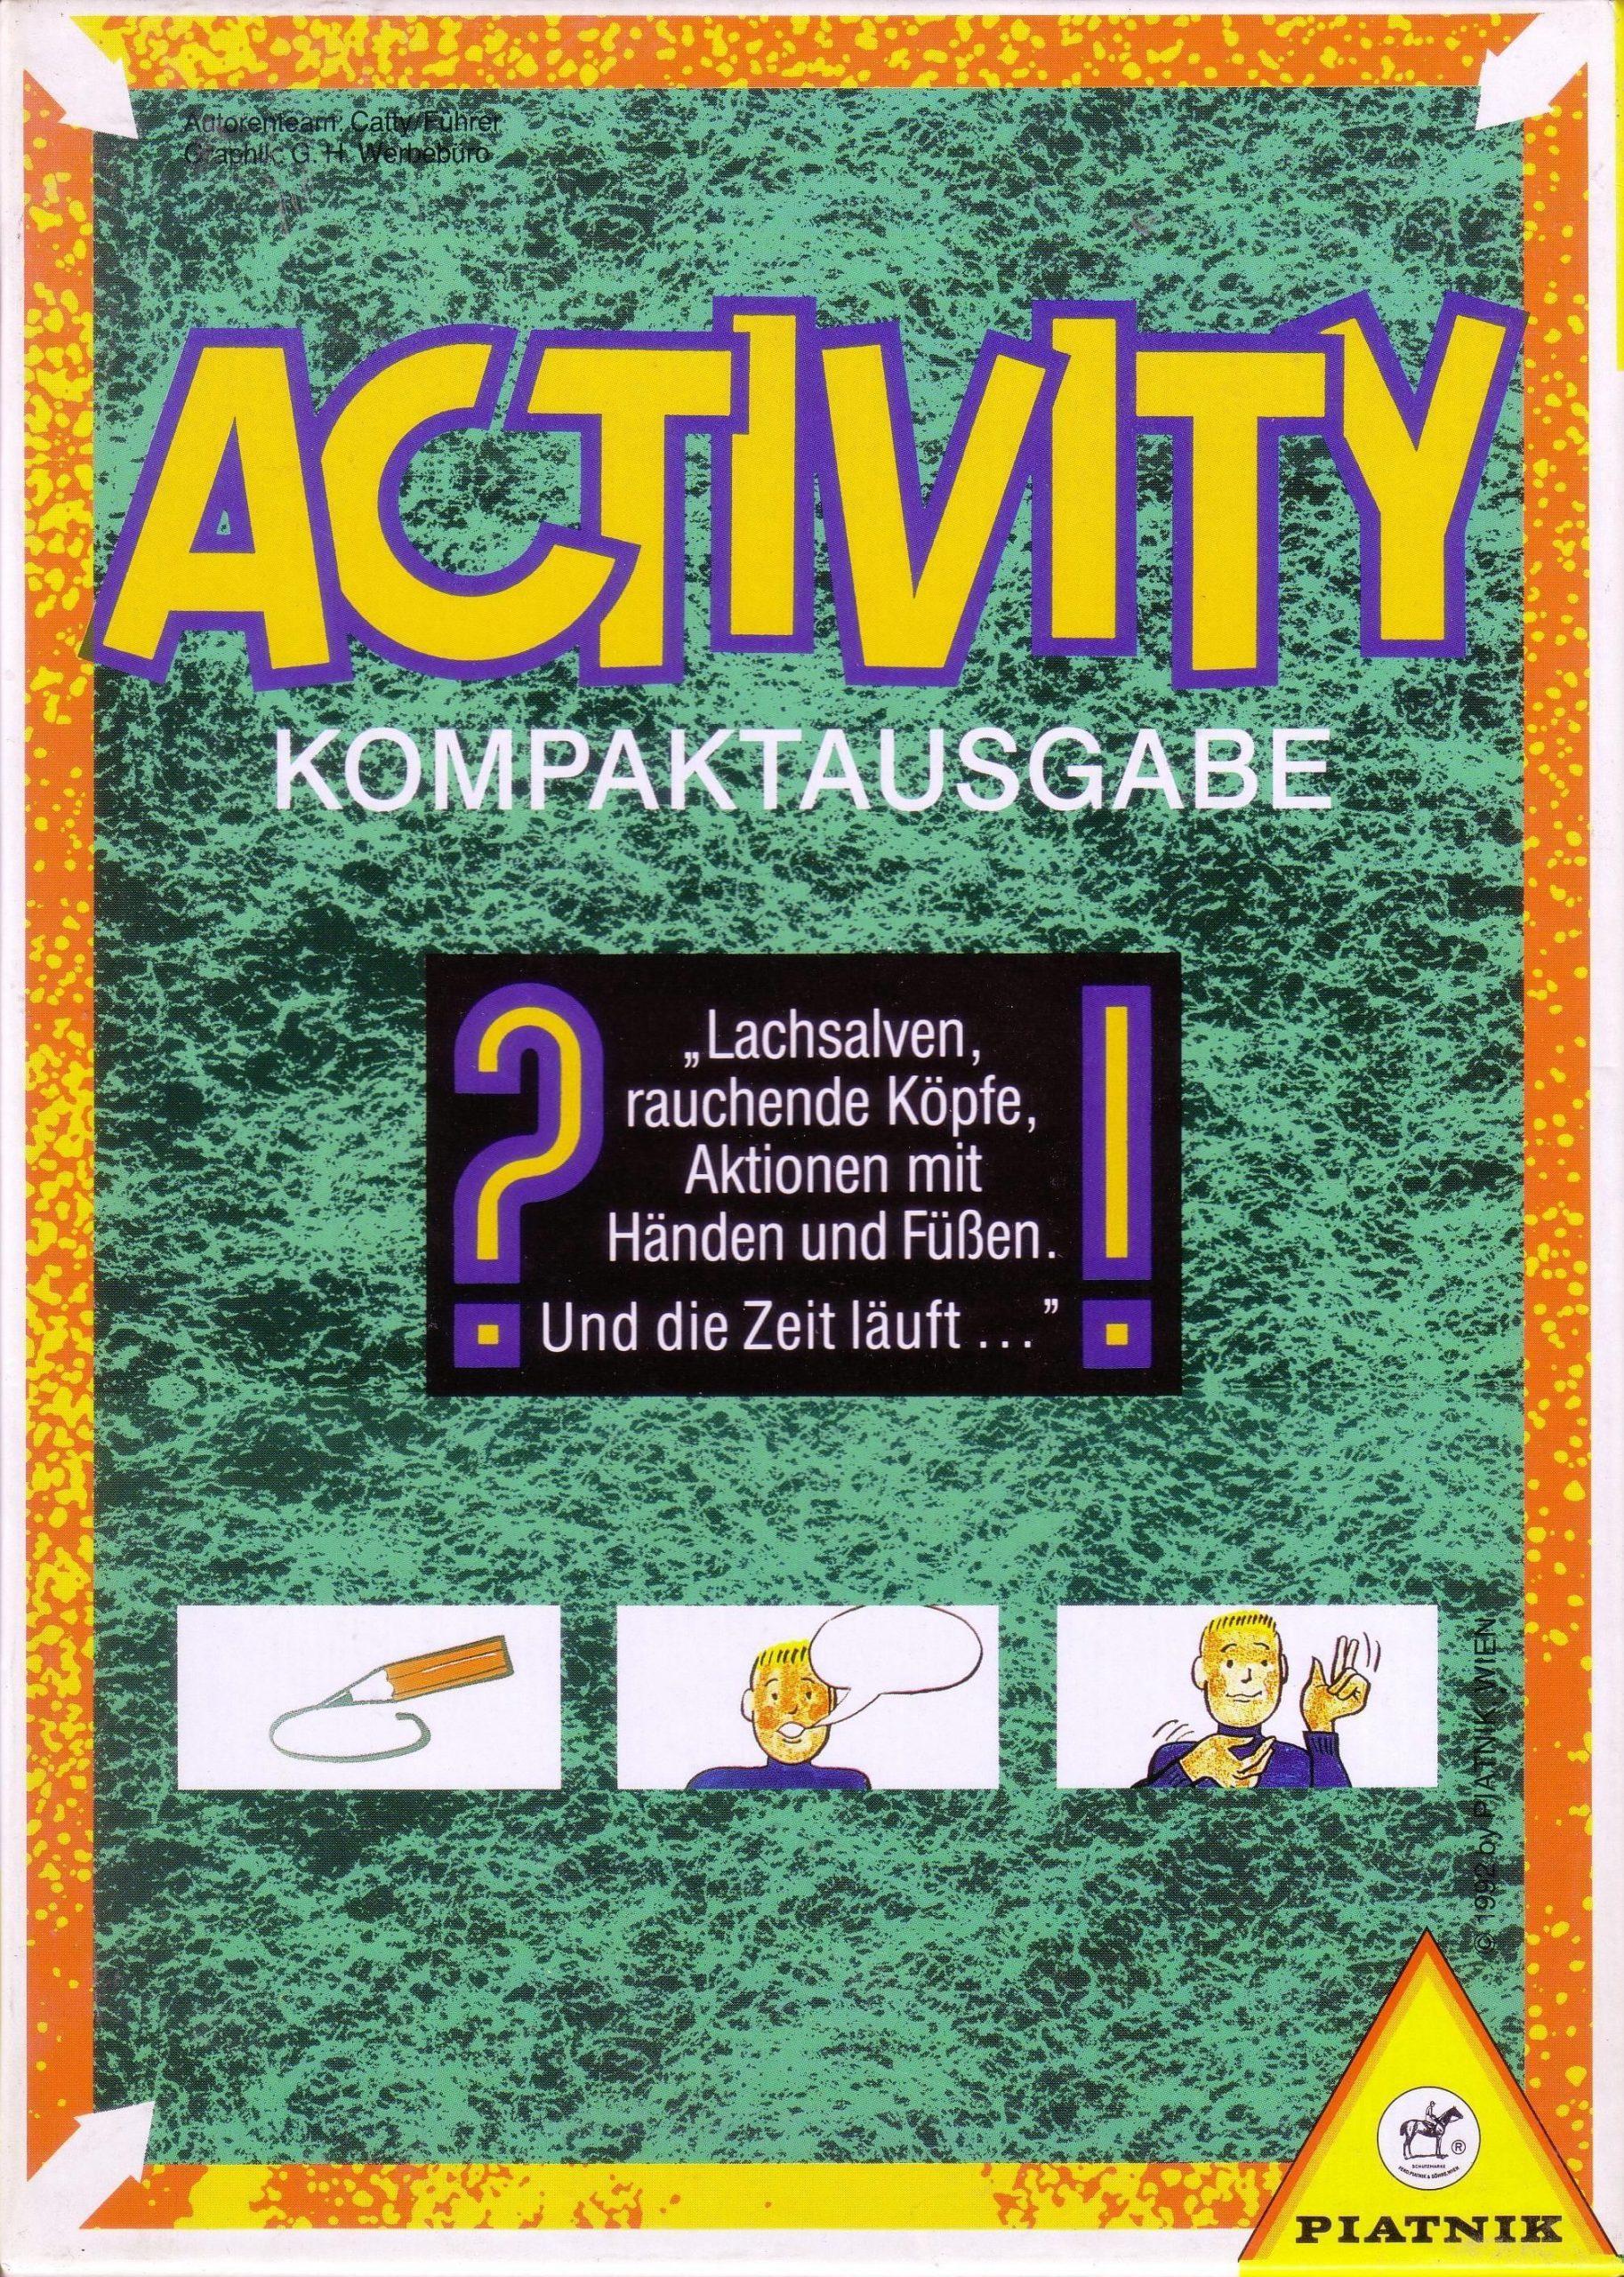 настольная игра Activity kompakt Деятельность kompakt